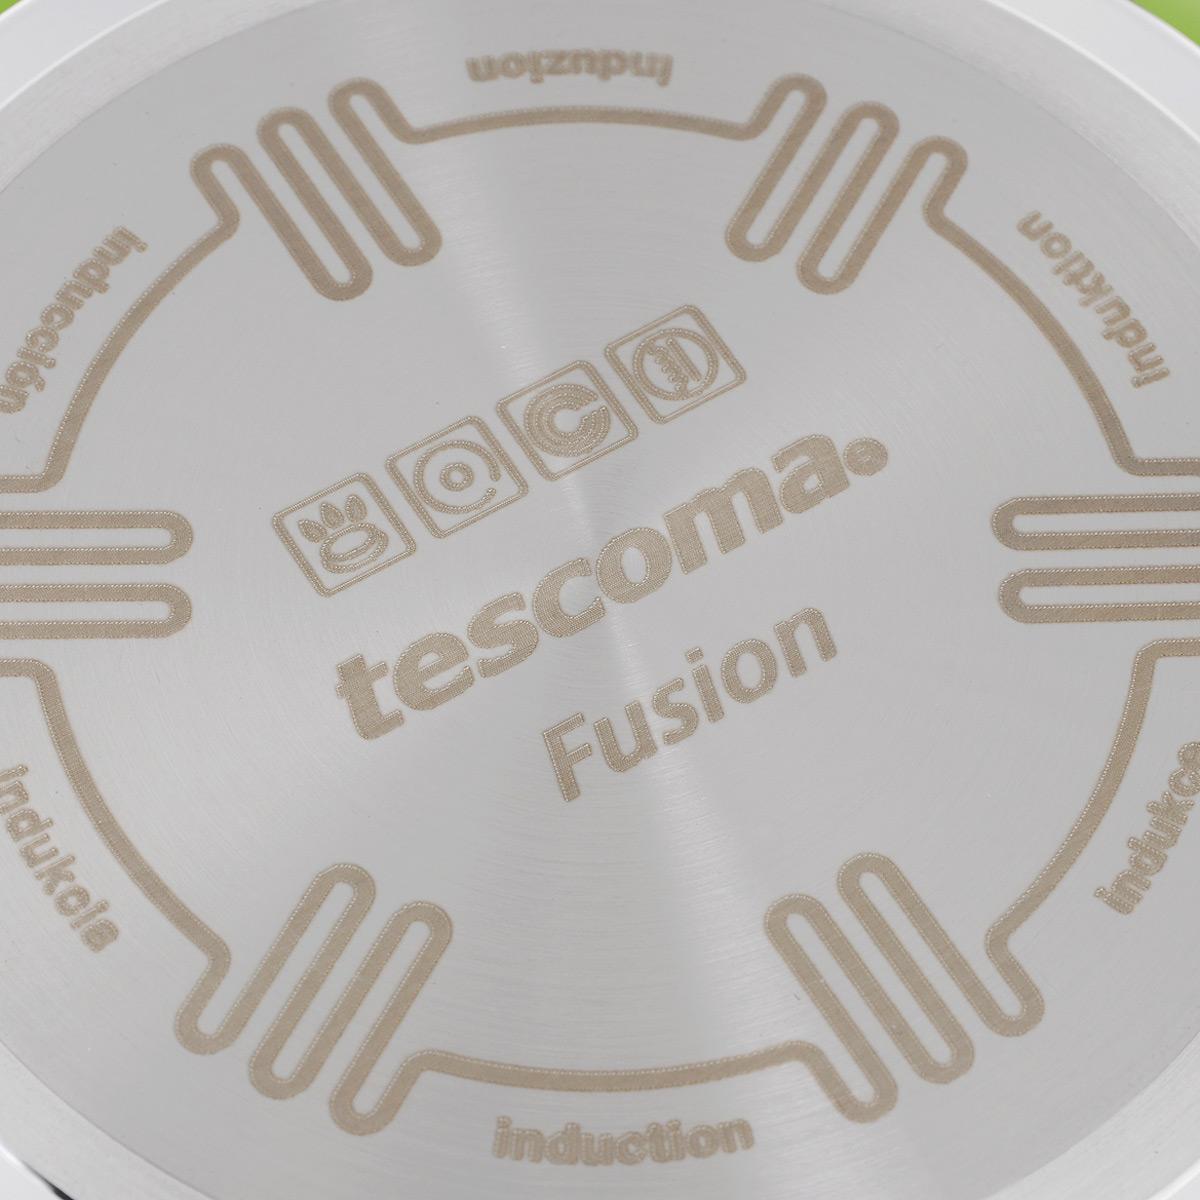 """Сковорода Tescoma """"Fusion"""" изготовлена из  нержавеющей стали с высококачественным  антипригарным керамическим покрытием. Керамика  не содержит вредных  примесей ПФОК, что способствует здоровому и  экологичному приготовлению  пищи. Кроме того, с таким покрытием пища не  пригорает и не прилипает к  стенкам, поэтому можно готовить с минимальным  добавлением масла и жиров.  Гладкая, идеально ровная поверхность сковороды  легко чистится, ее можно мыть  в воде руками или вытирать полотенцем.  Эргономичная ручка специального  дизайна выполнена из цветного пластика, удобна в  эксплуатации. Можно мыть в  посудомоечной  машине. Сковорода подходит для использования на газовых,  электрических, стеклокерамических и  индукционных плитах.   Диаметр: 20 см. Высота стенки: 5 см. Длина ручки: 16 см."""